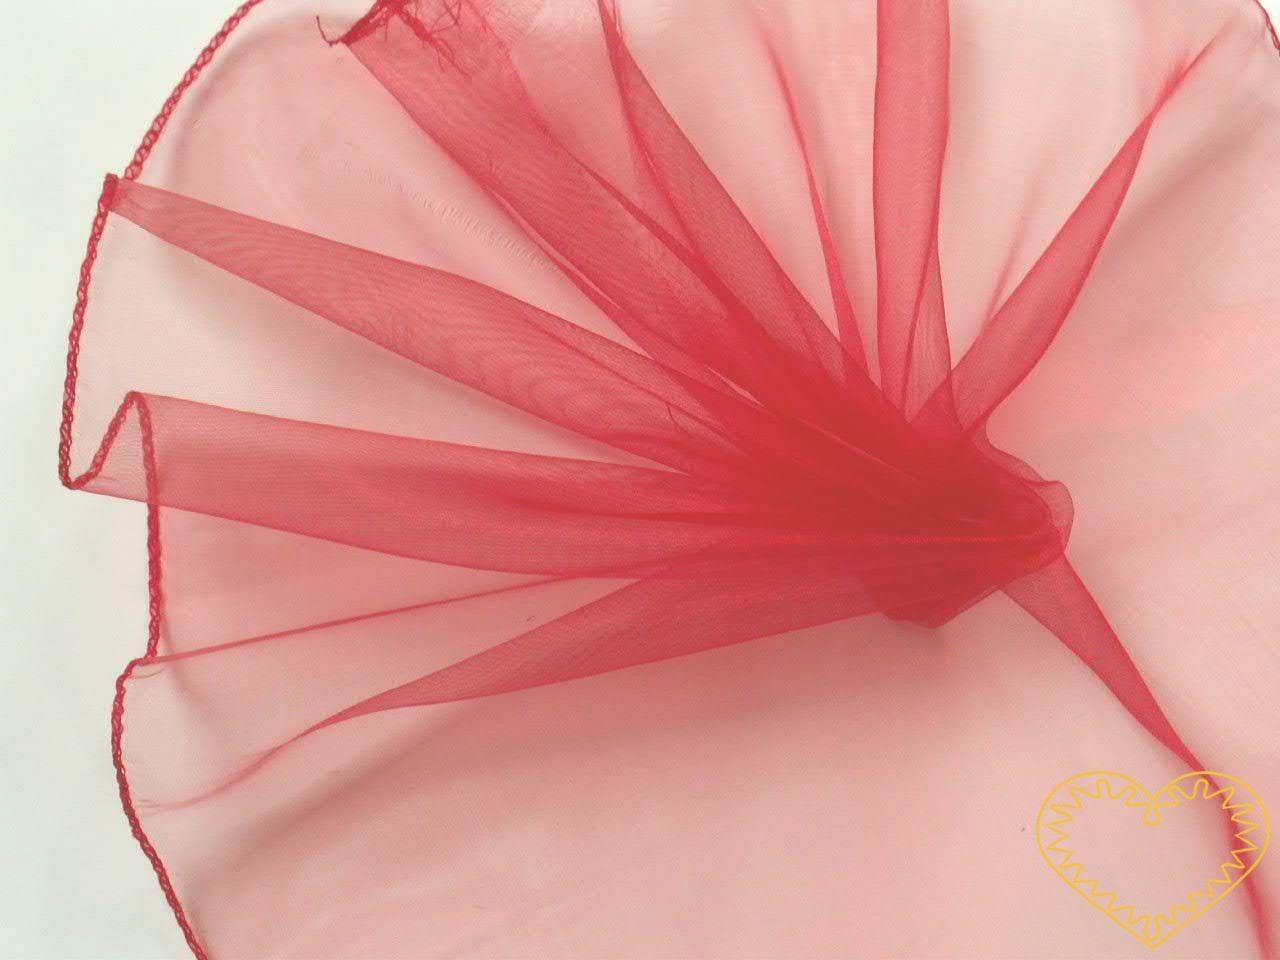 Červená organza šíře 39 cm a délky 8,22 m, z obou stran obroubená. Vhodná k dekorování, šití, aranžování, pro výzdobu slavnostní tabule, balení dárků, výrobu ozdob apod.